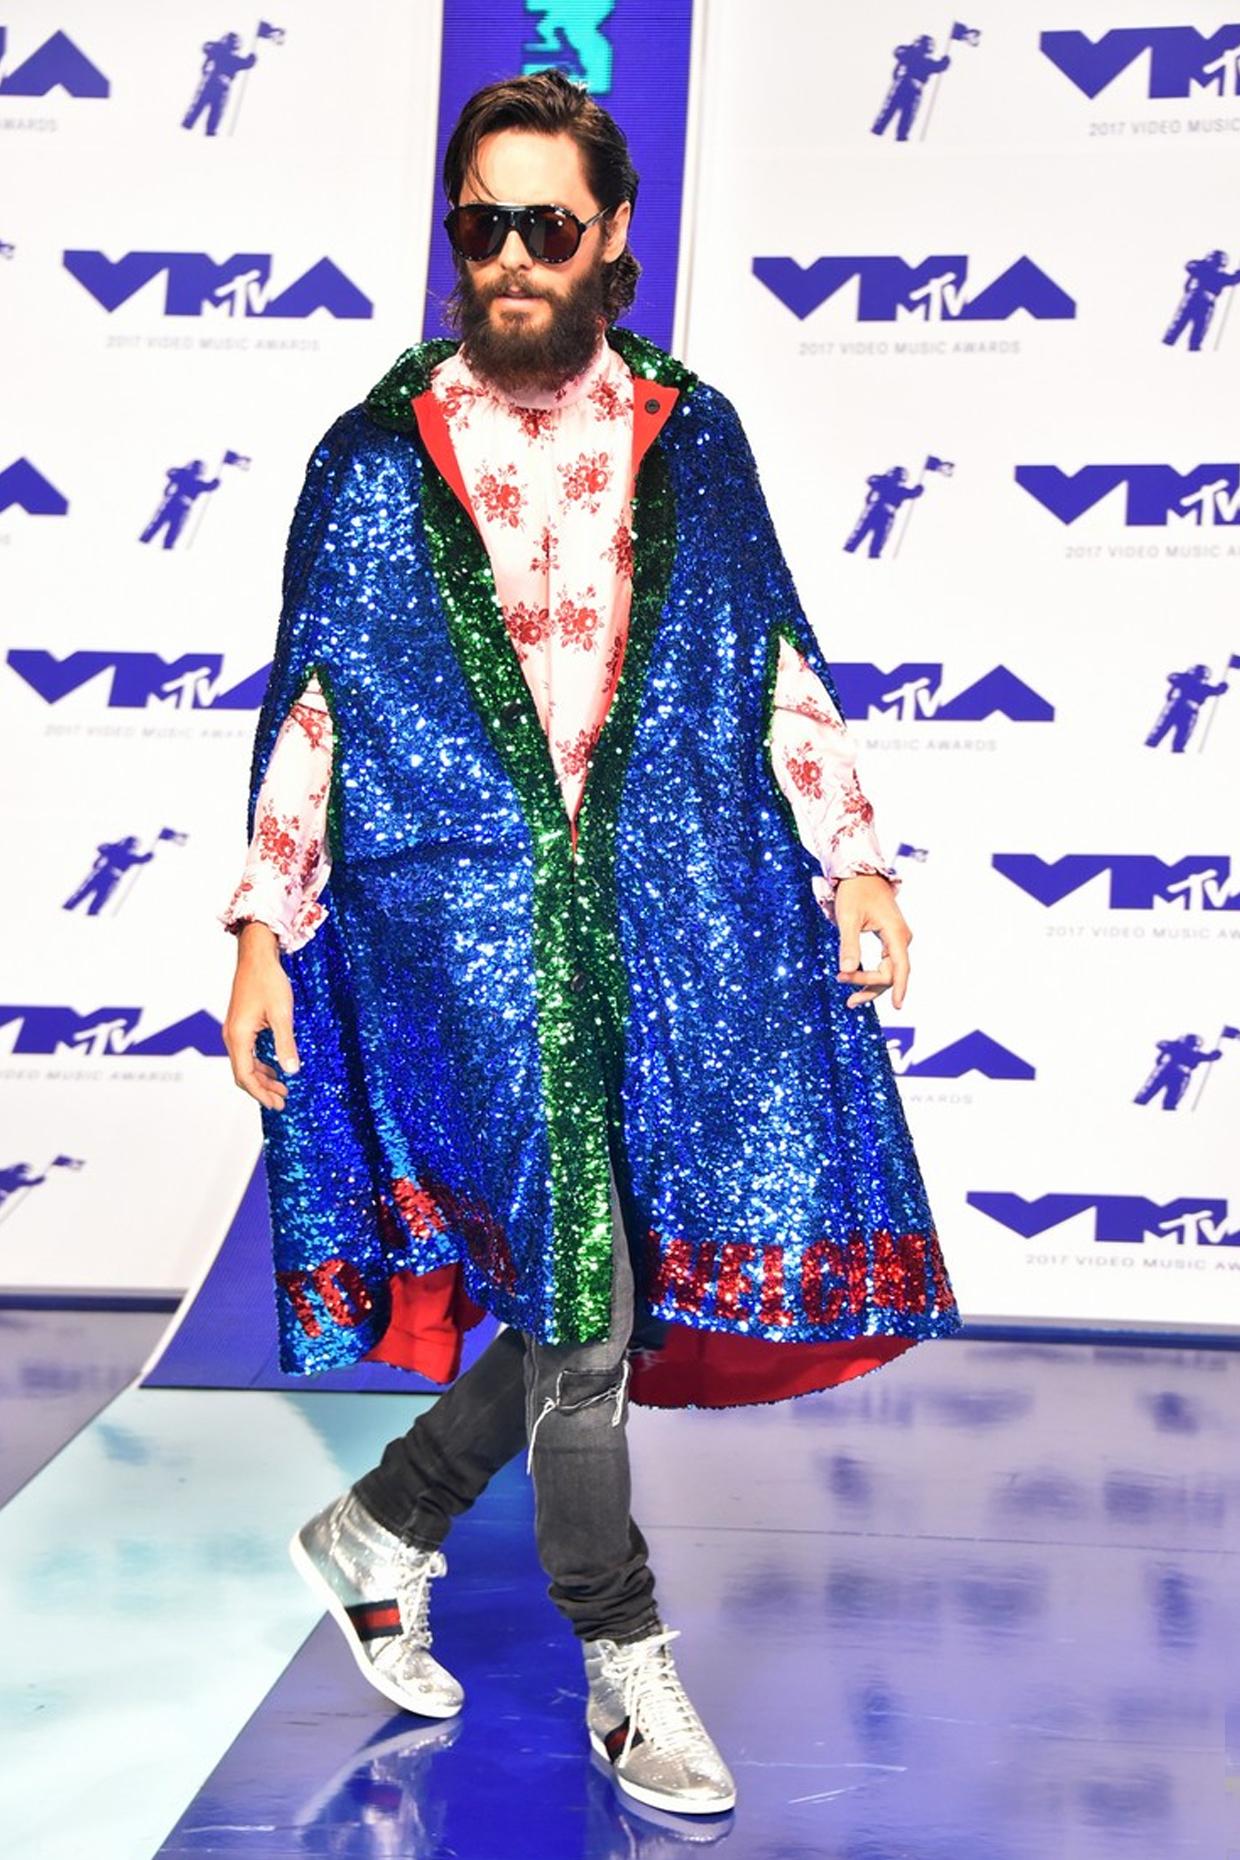 vma fashion jared leto red carpet looks